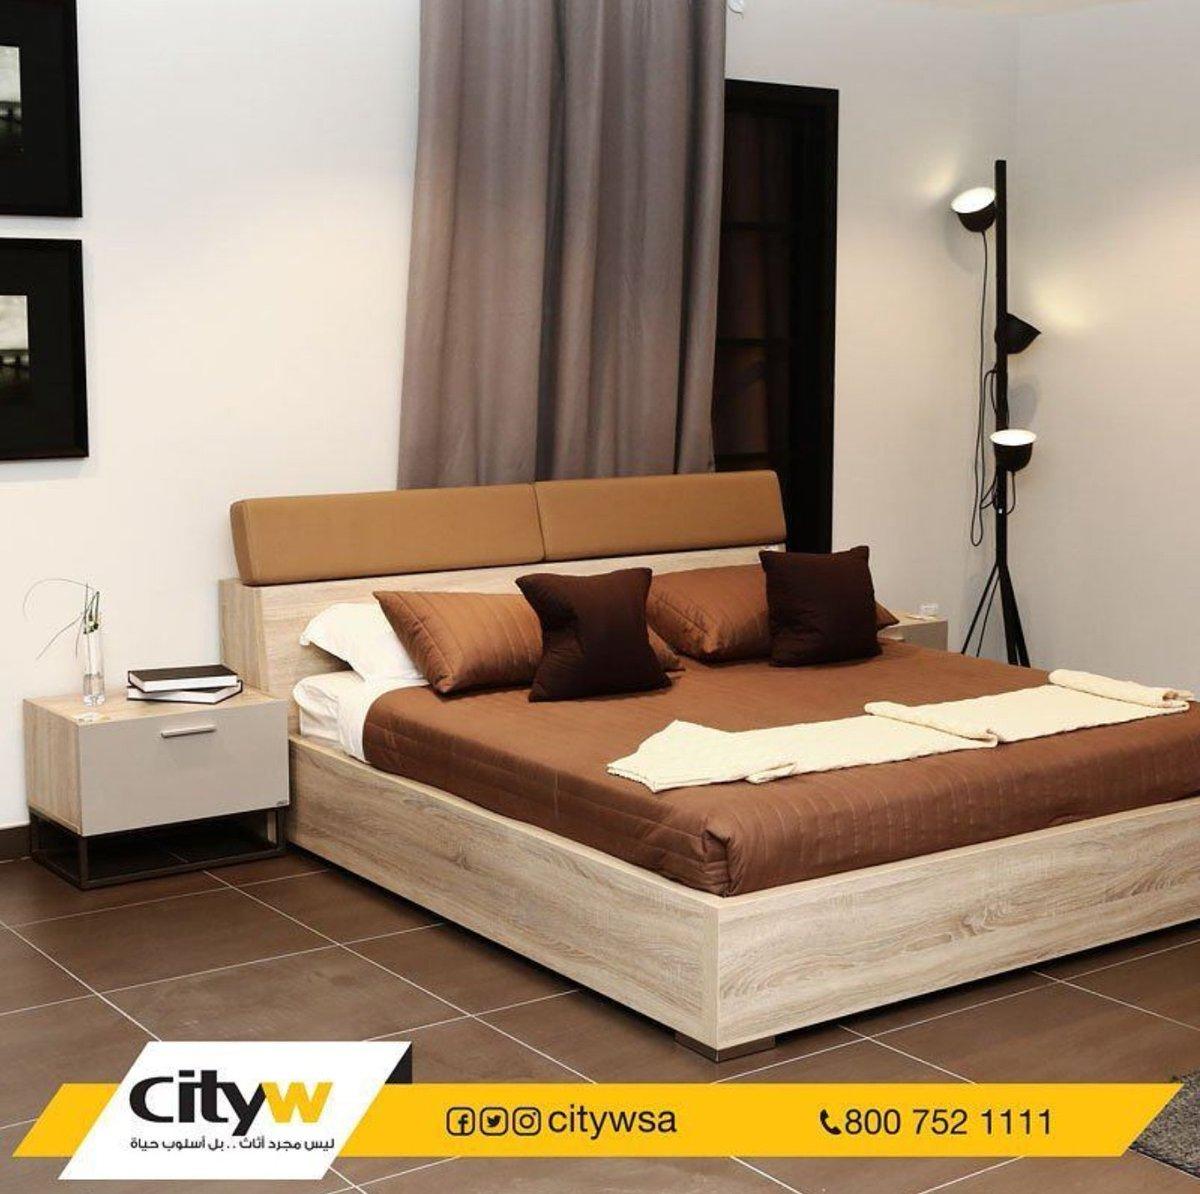 Cityw سيتي دبليو On Twitter عرض اليوم الوطني سرير مزدوج بقيمة 1196 كود الصنف 7 4 7 كمدينة كود 9 4 19 سعر العرض 525 العرض حتى 24 9 2017 Https T Co 6tf7iocevz